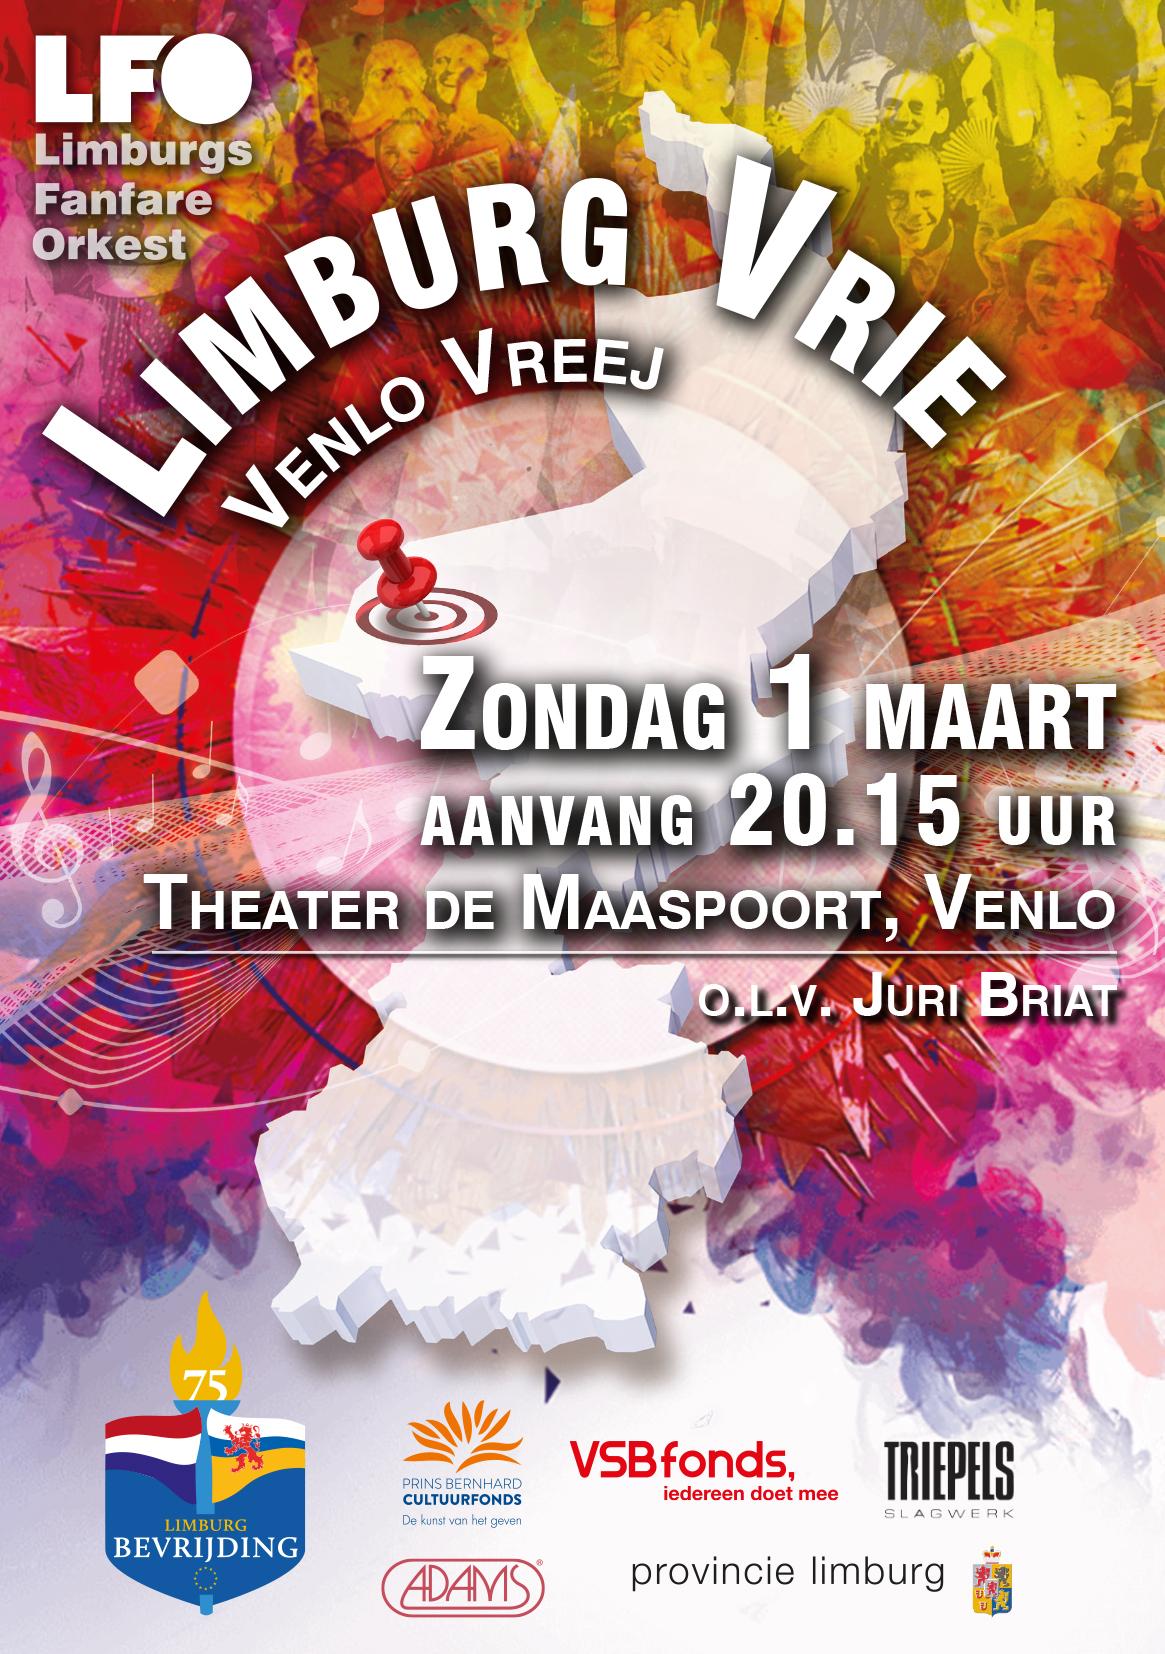 LFO Venlo 11 februari 2020 - 1 maart 2020